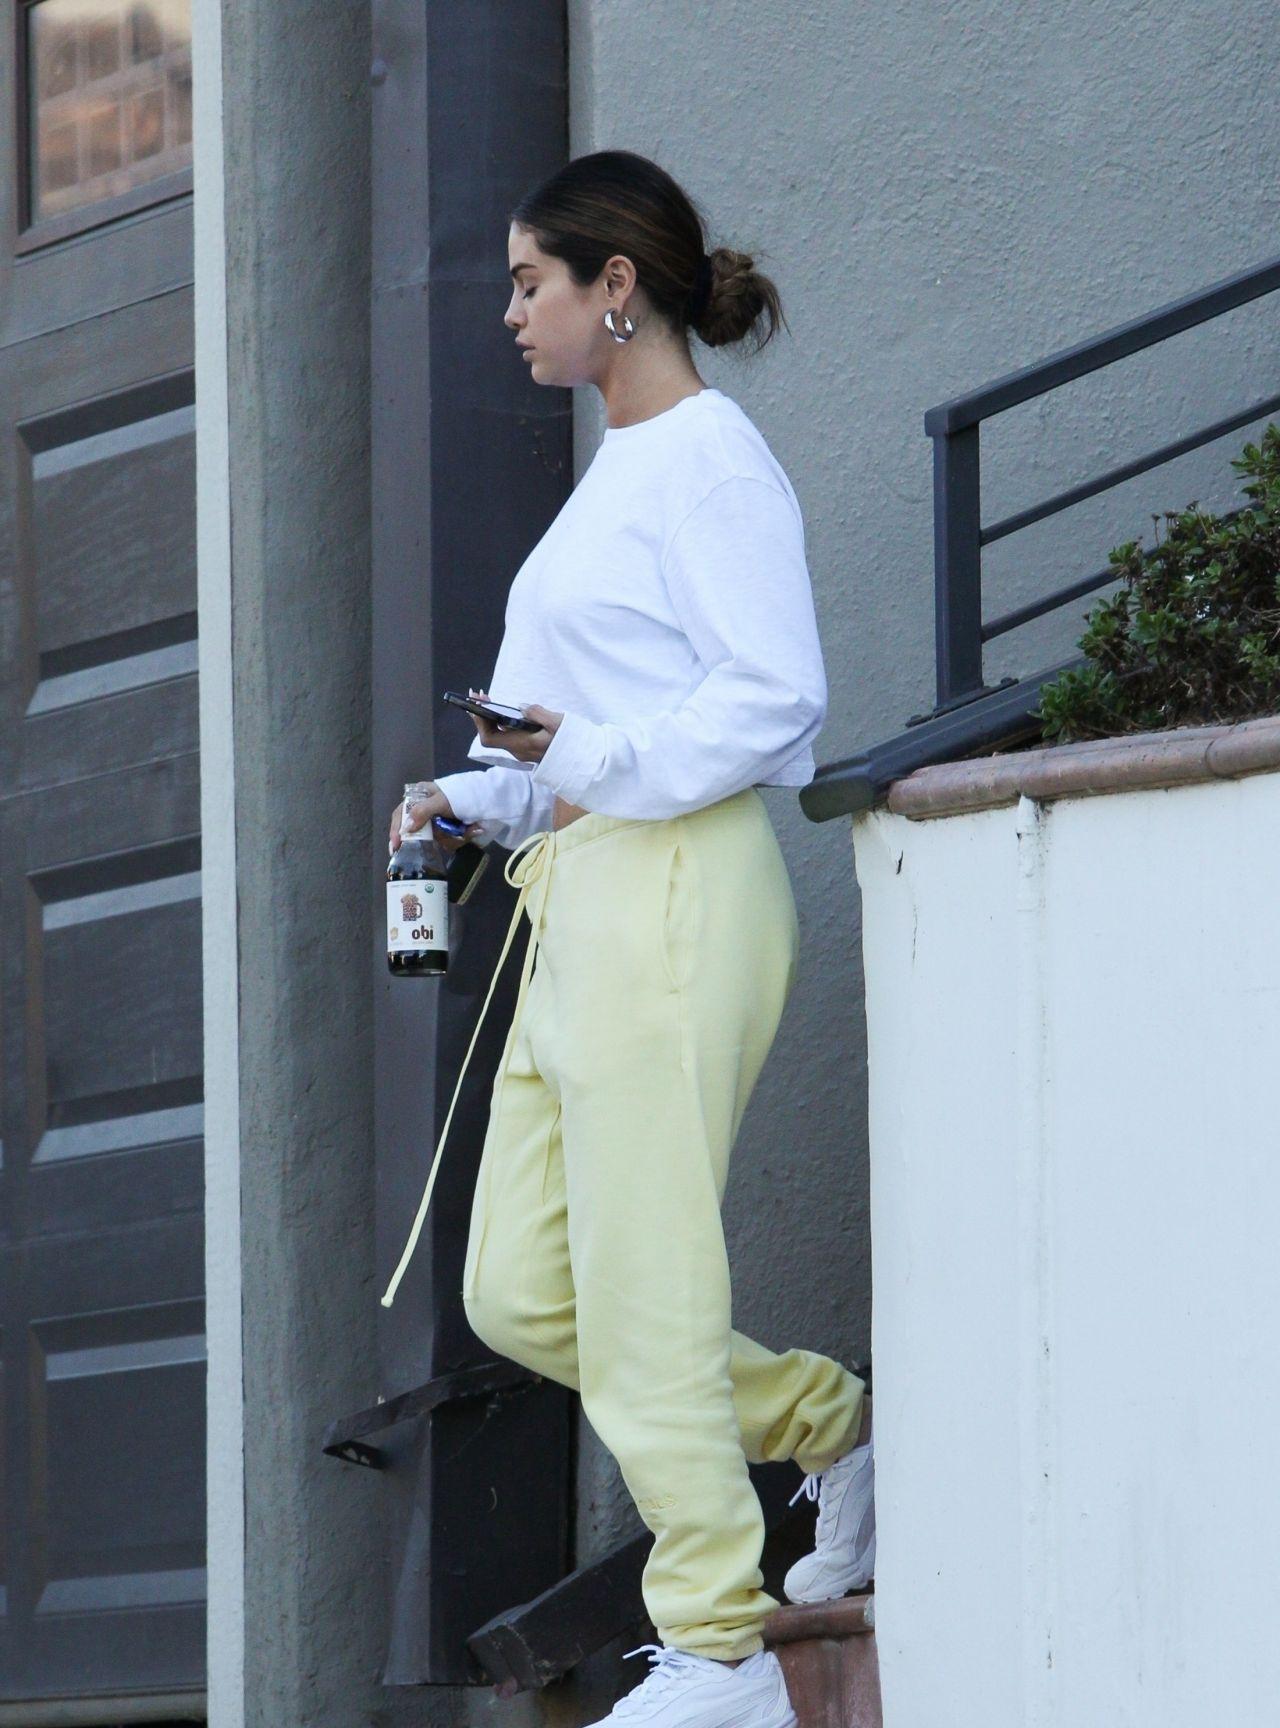 女星赛琳娜·戈麦斯洛杉矶街头休闲拍照,她给人时尚的感觉